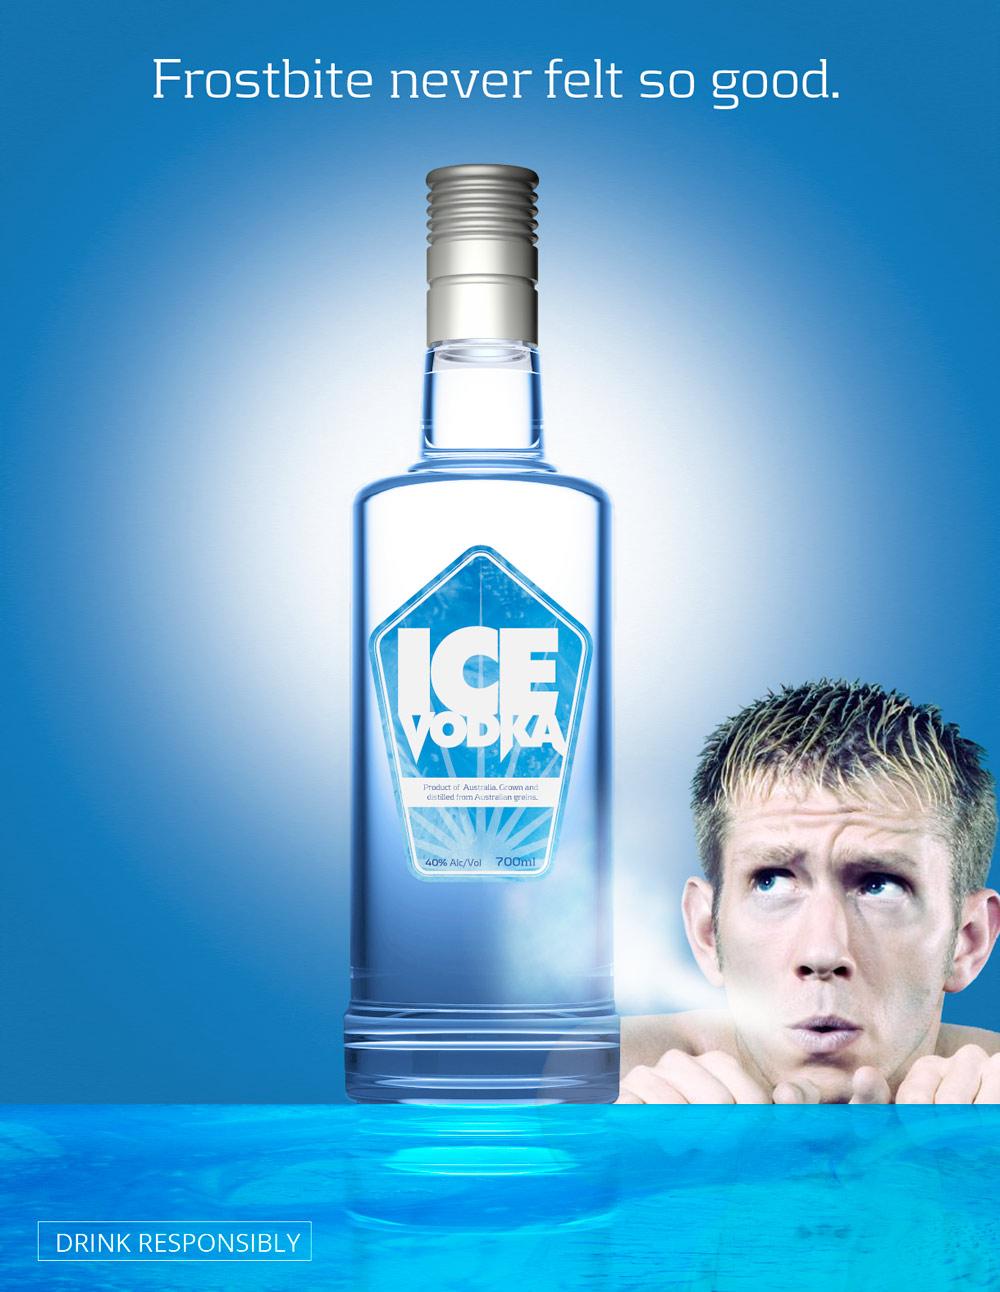 icevodka-branding-1.jpg